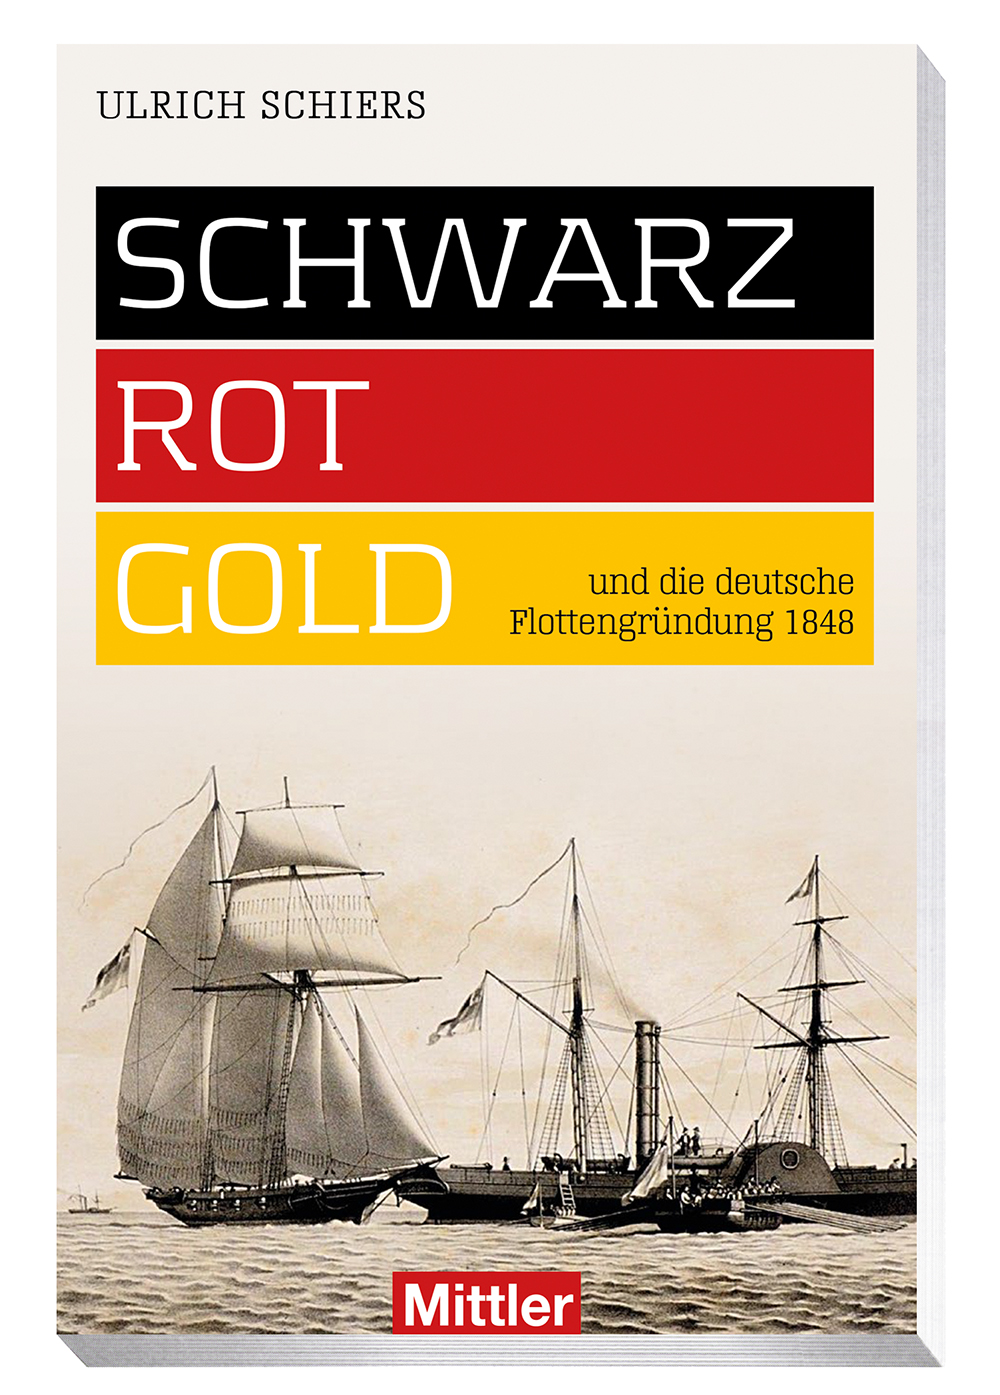 Ulrich Schiers Schwarz-Rot-Gold und die deutsche Flottengründung